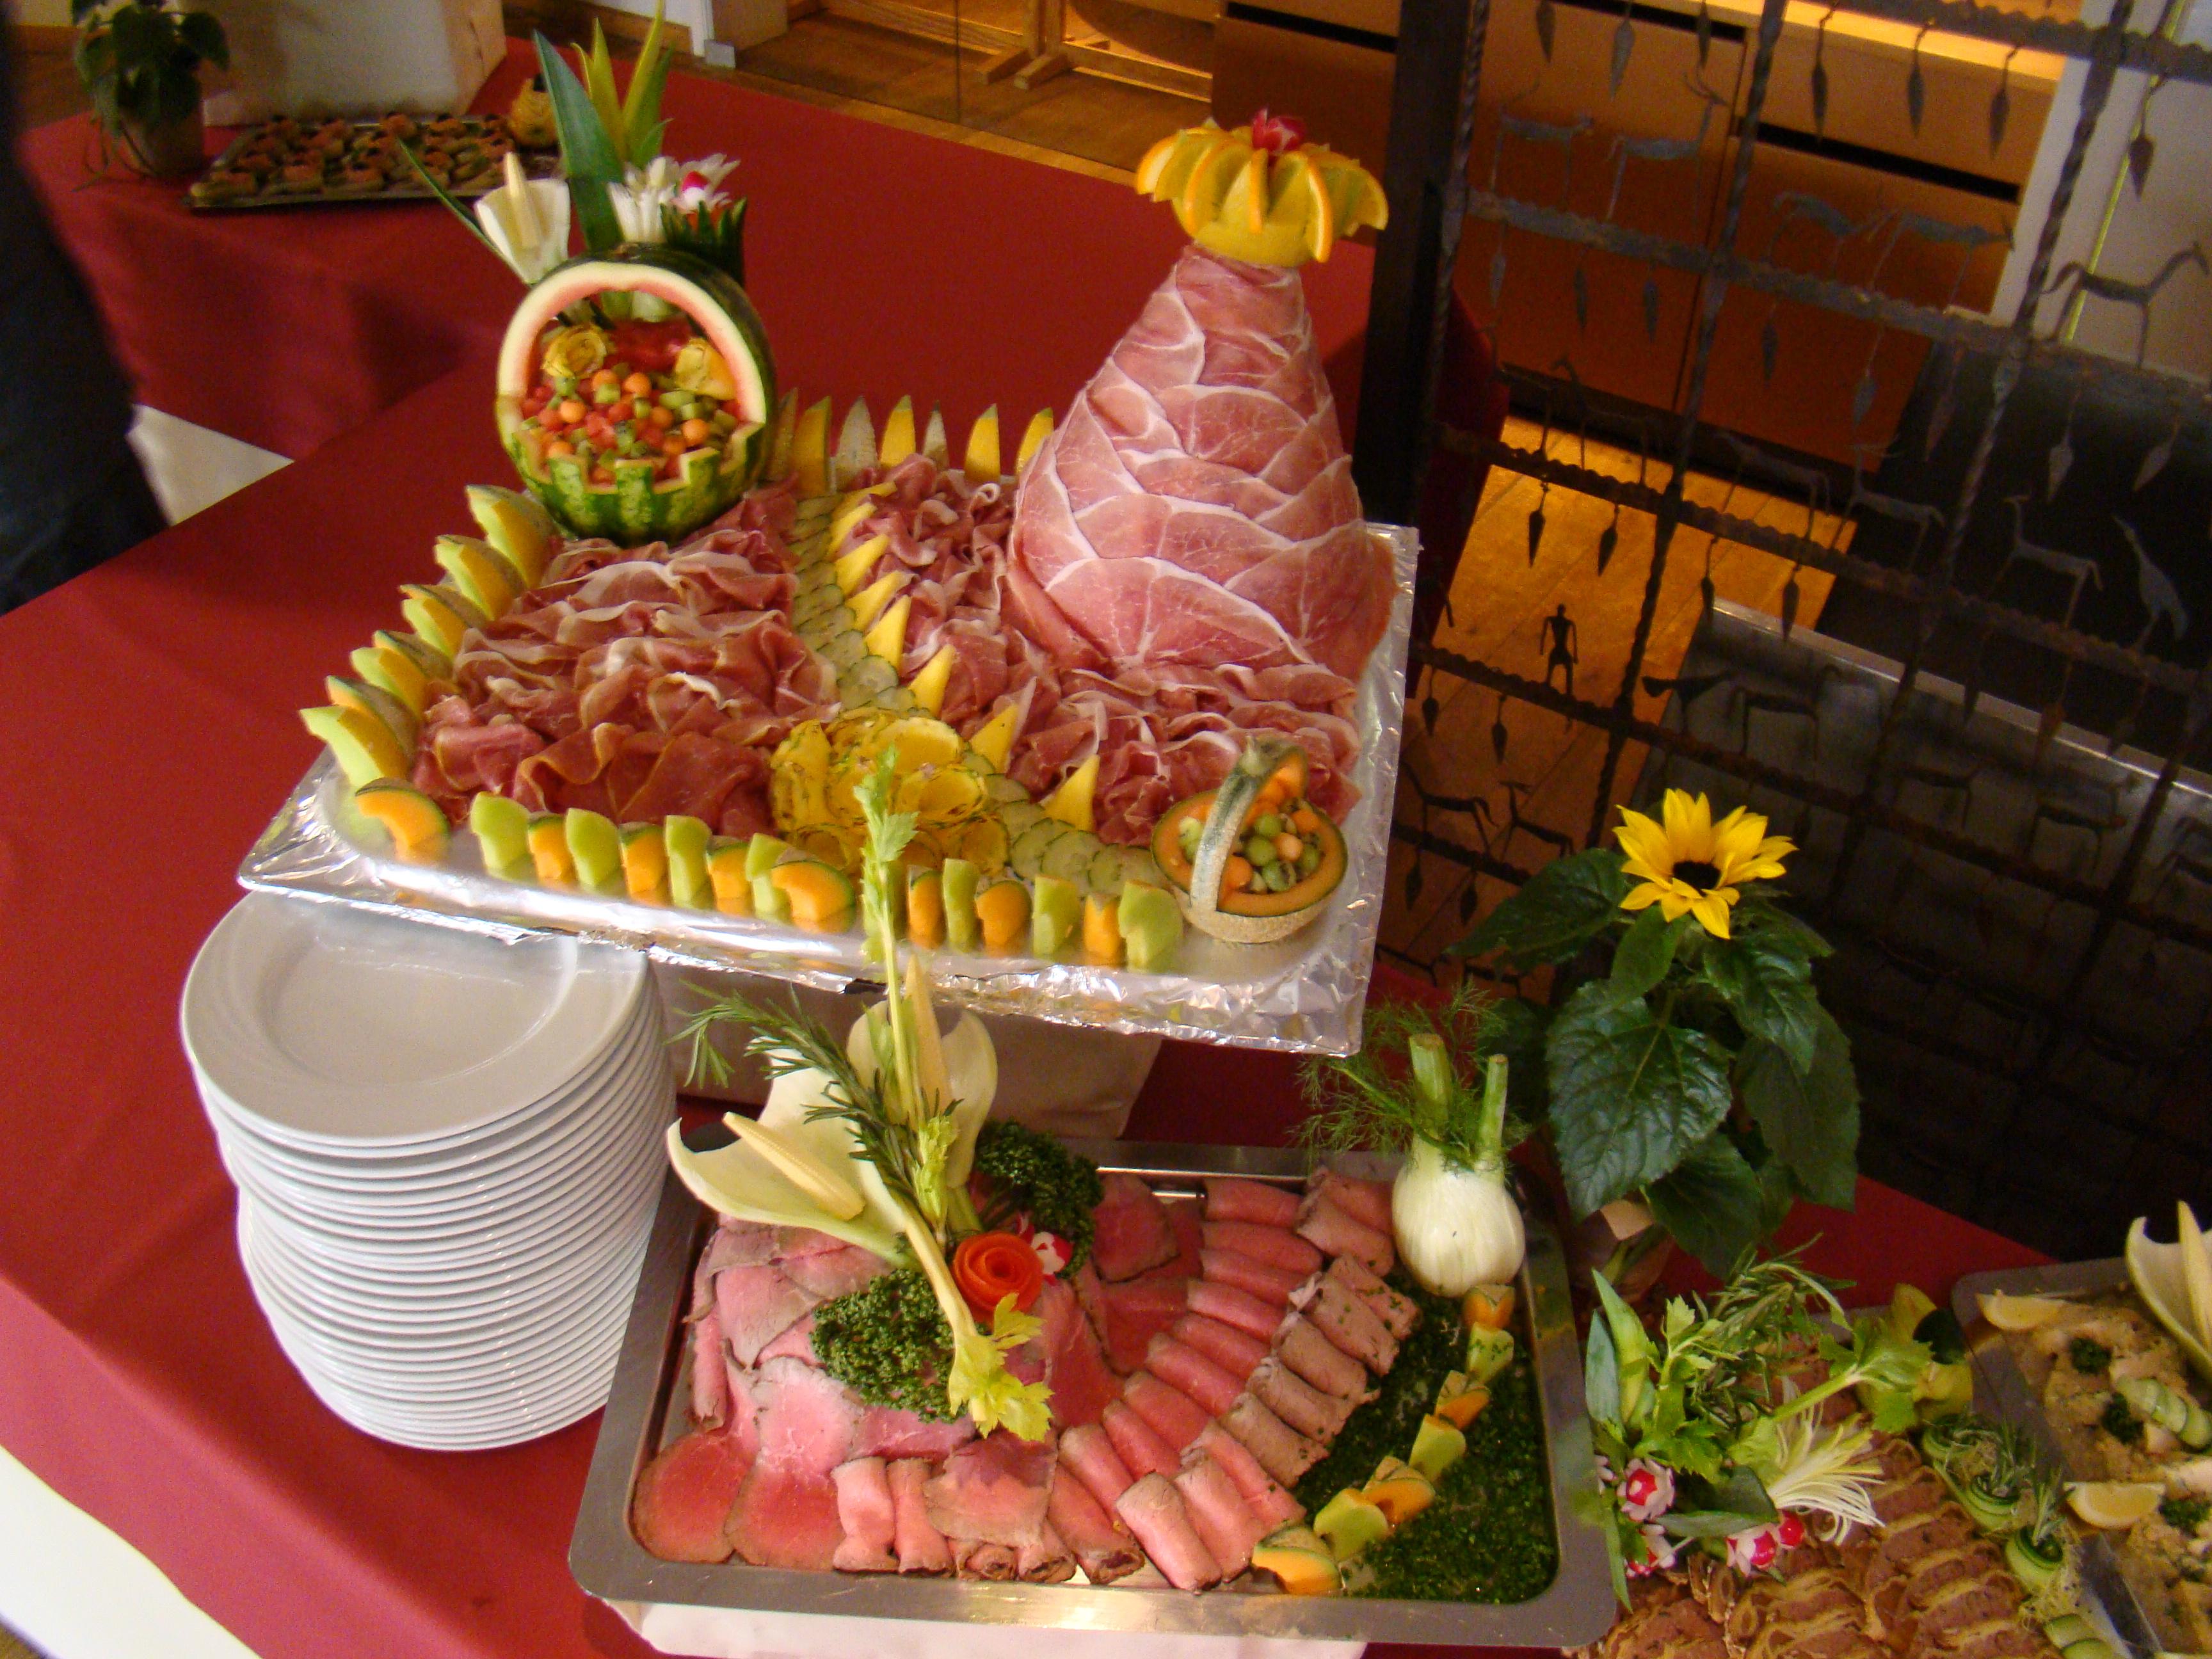 1000 images about buffets on pinterest buffet for Assiette foie gras decoration